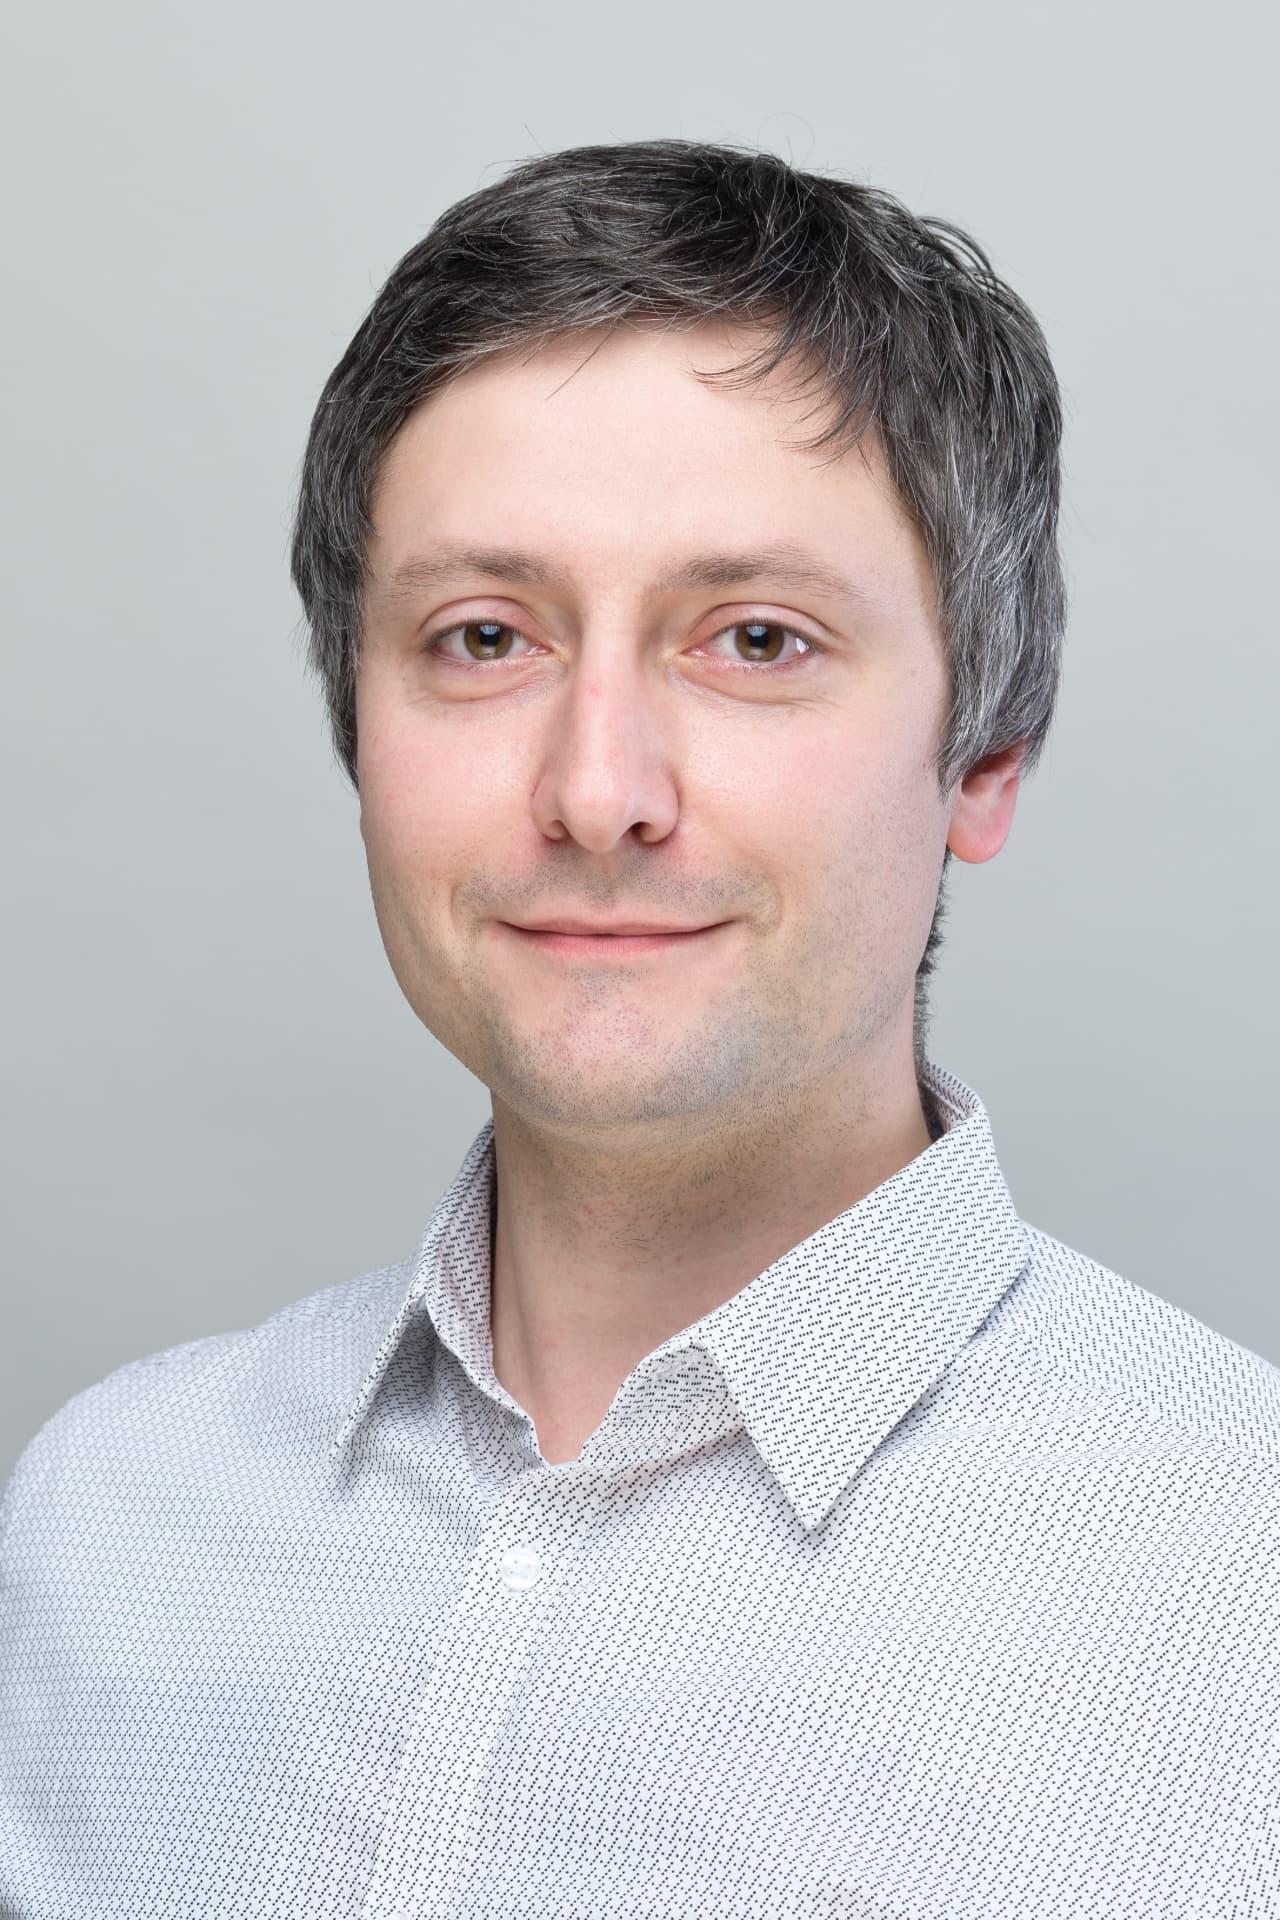 D. Andryushchenko